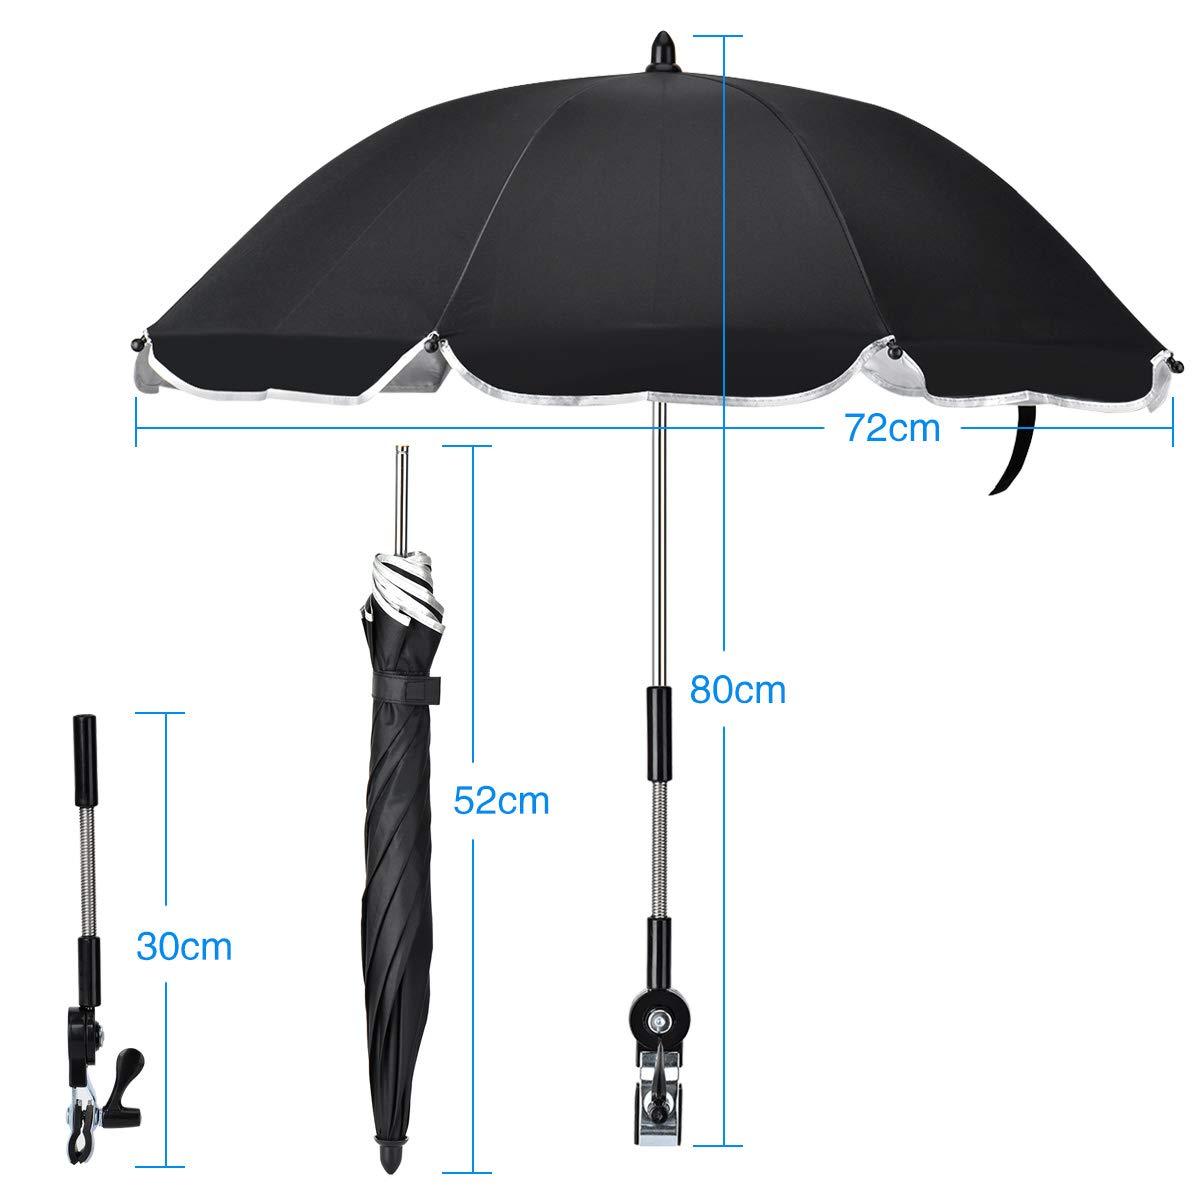 Kinderwagen-Sonnenschirme im Freien blockieren effektiv ultraviolette Strahlen und biegbare Regenschirme f/ür sonnige und regnerische Zwecke. Kinderwagen-Sonnenschirme Queta Sonnenschirme